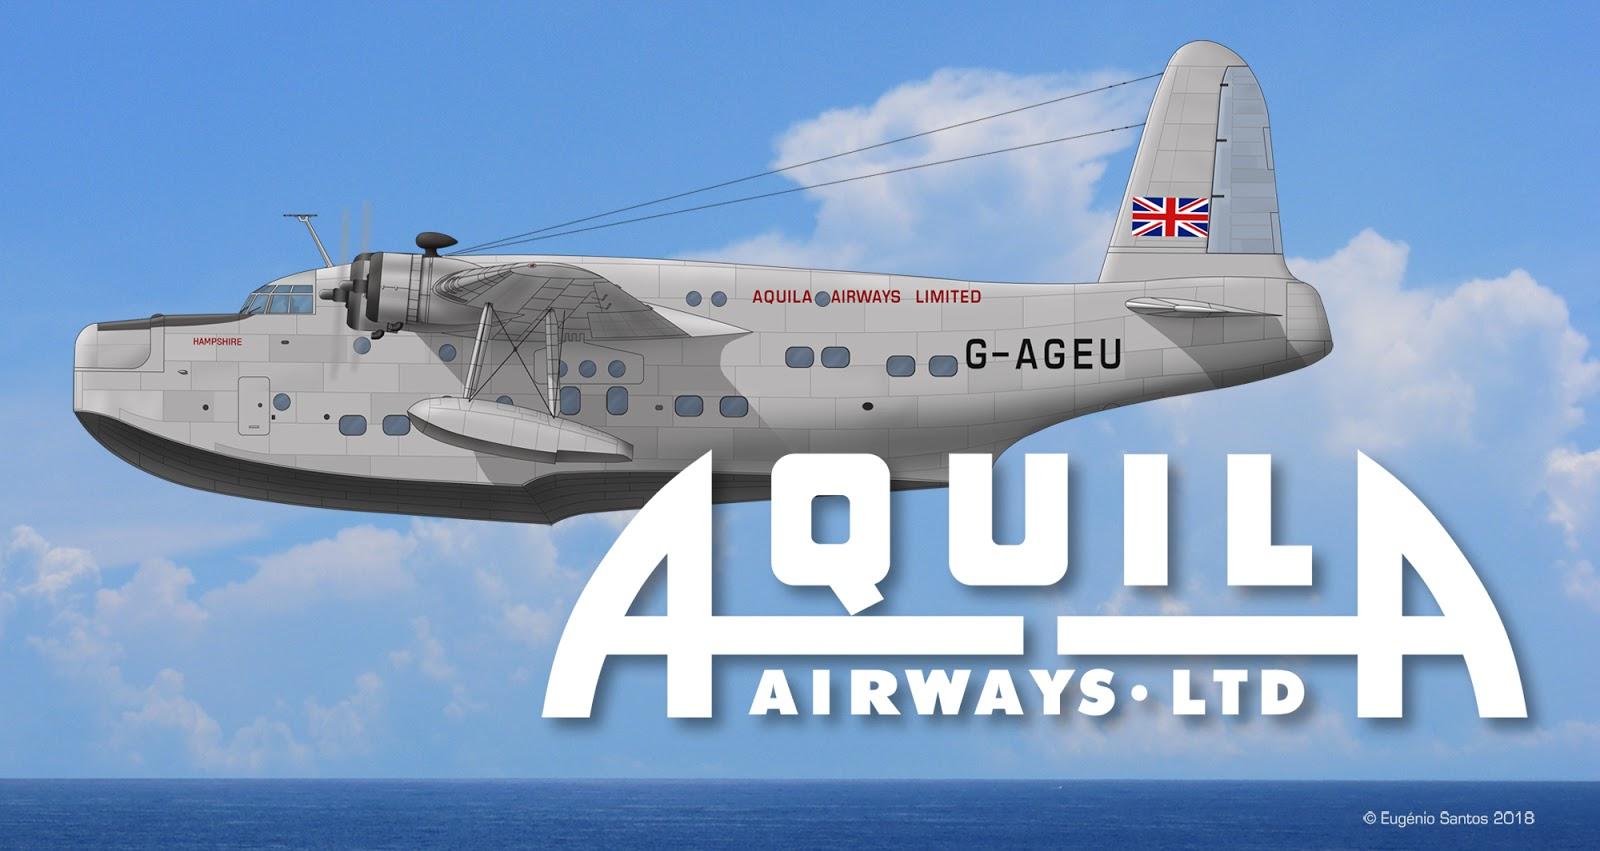 Aquila Airways